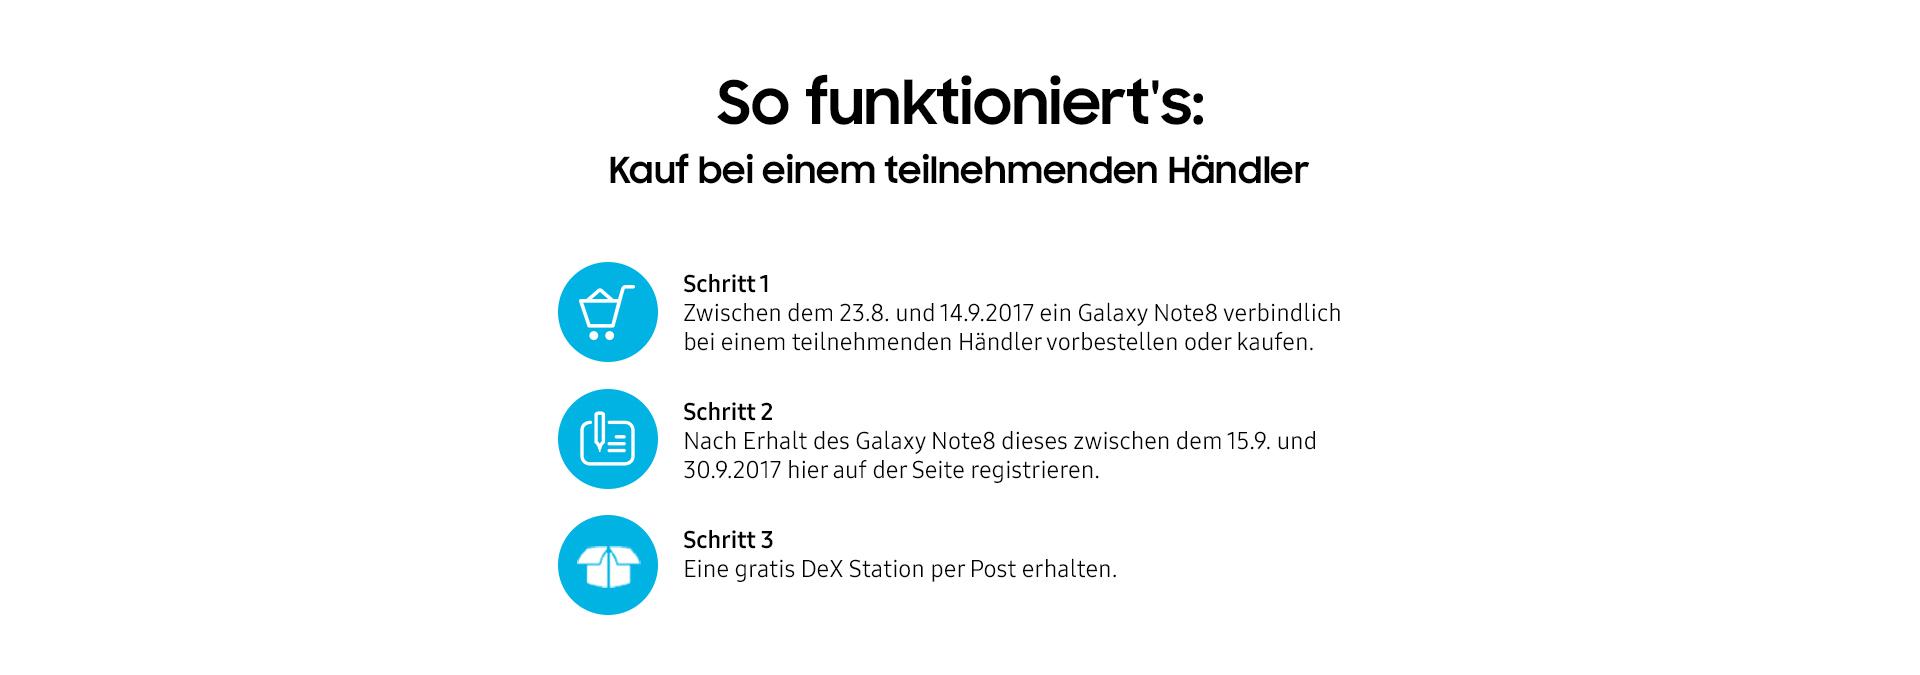 Samsung Galaxy Note8 vorbestellen - So funktioniert's